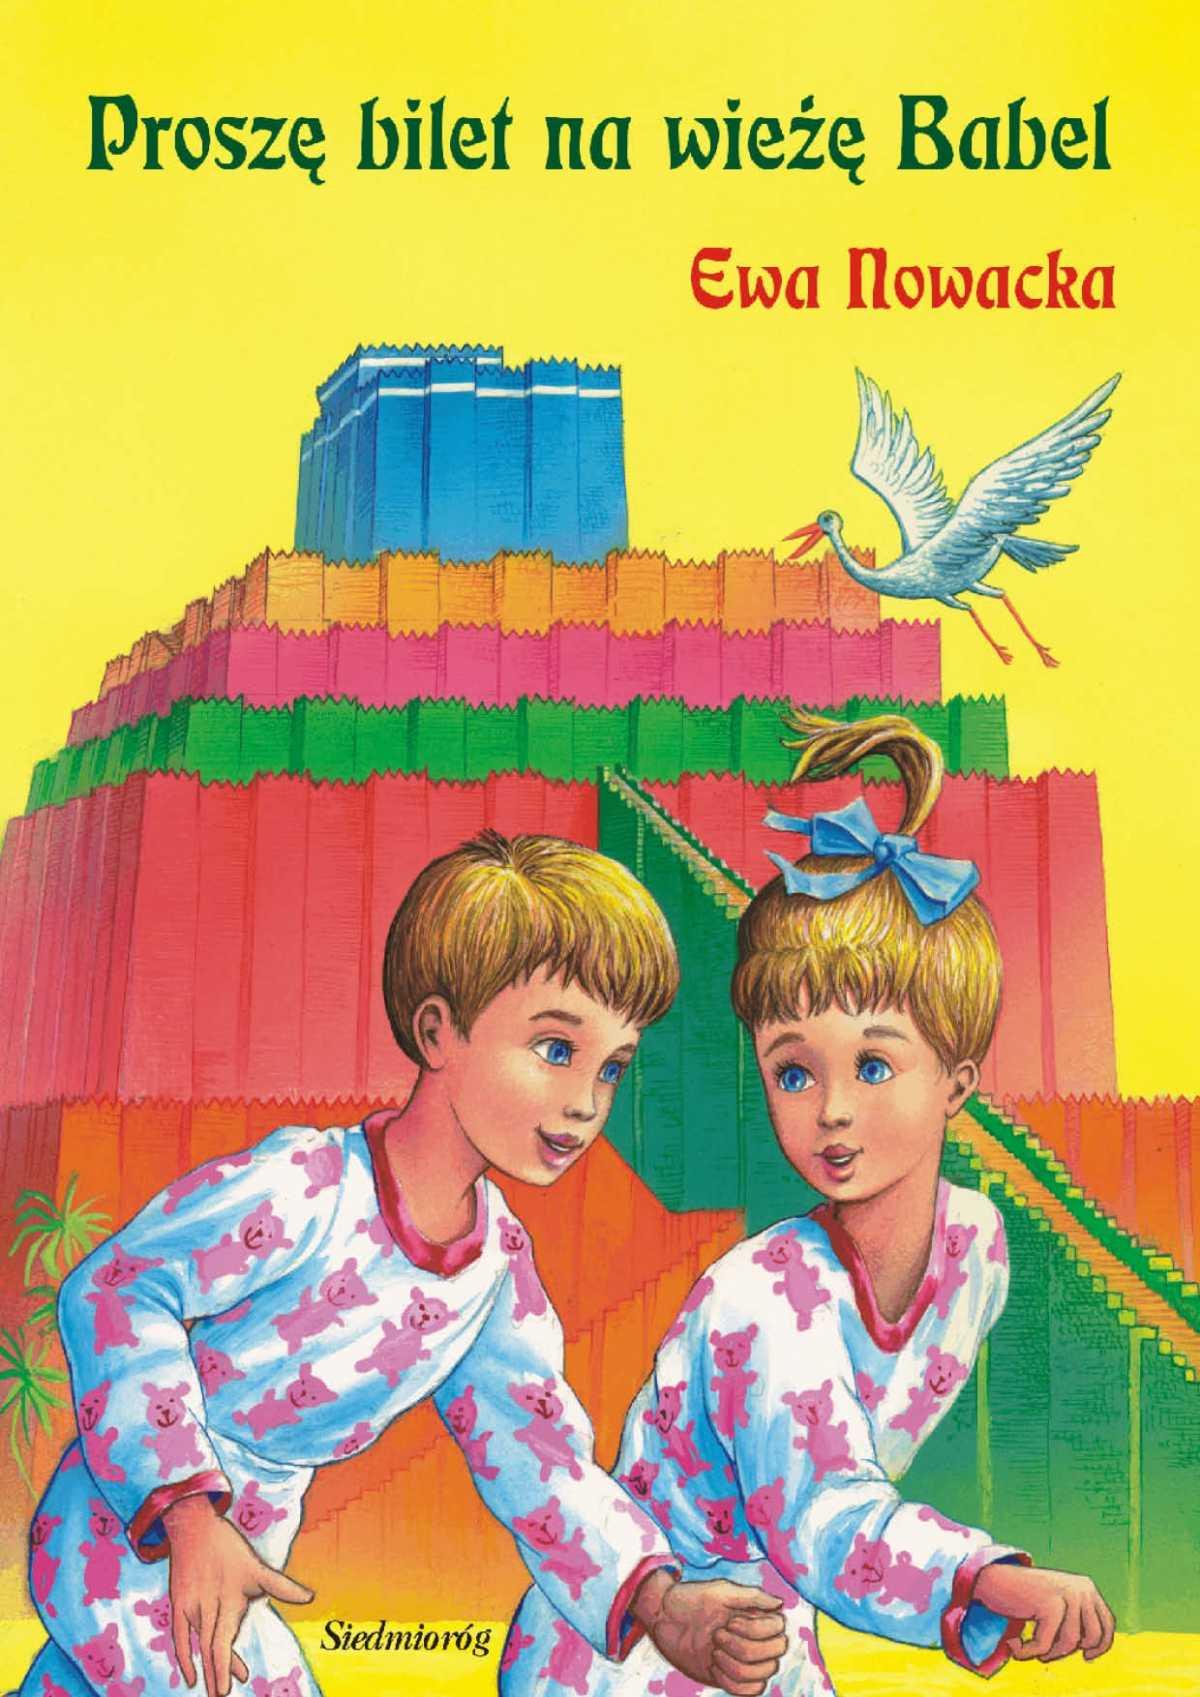 Proszę bilet na wieżę Babel - Ebook (Książka EPUB) do pobrania w formacie EPUB